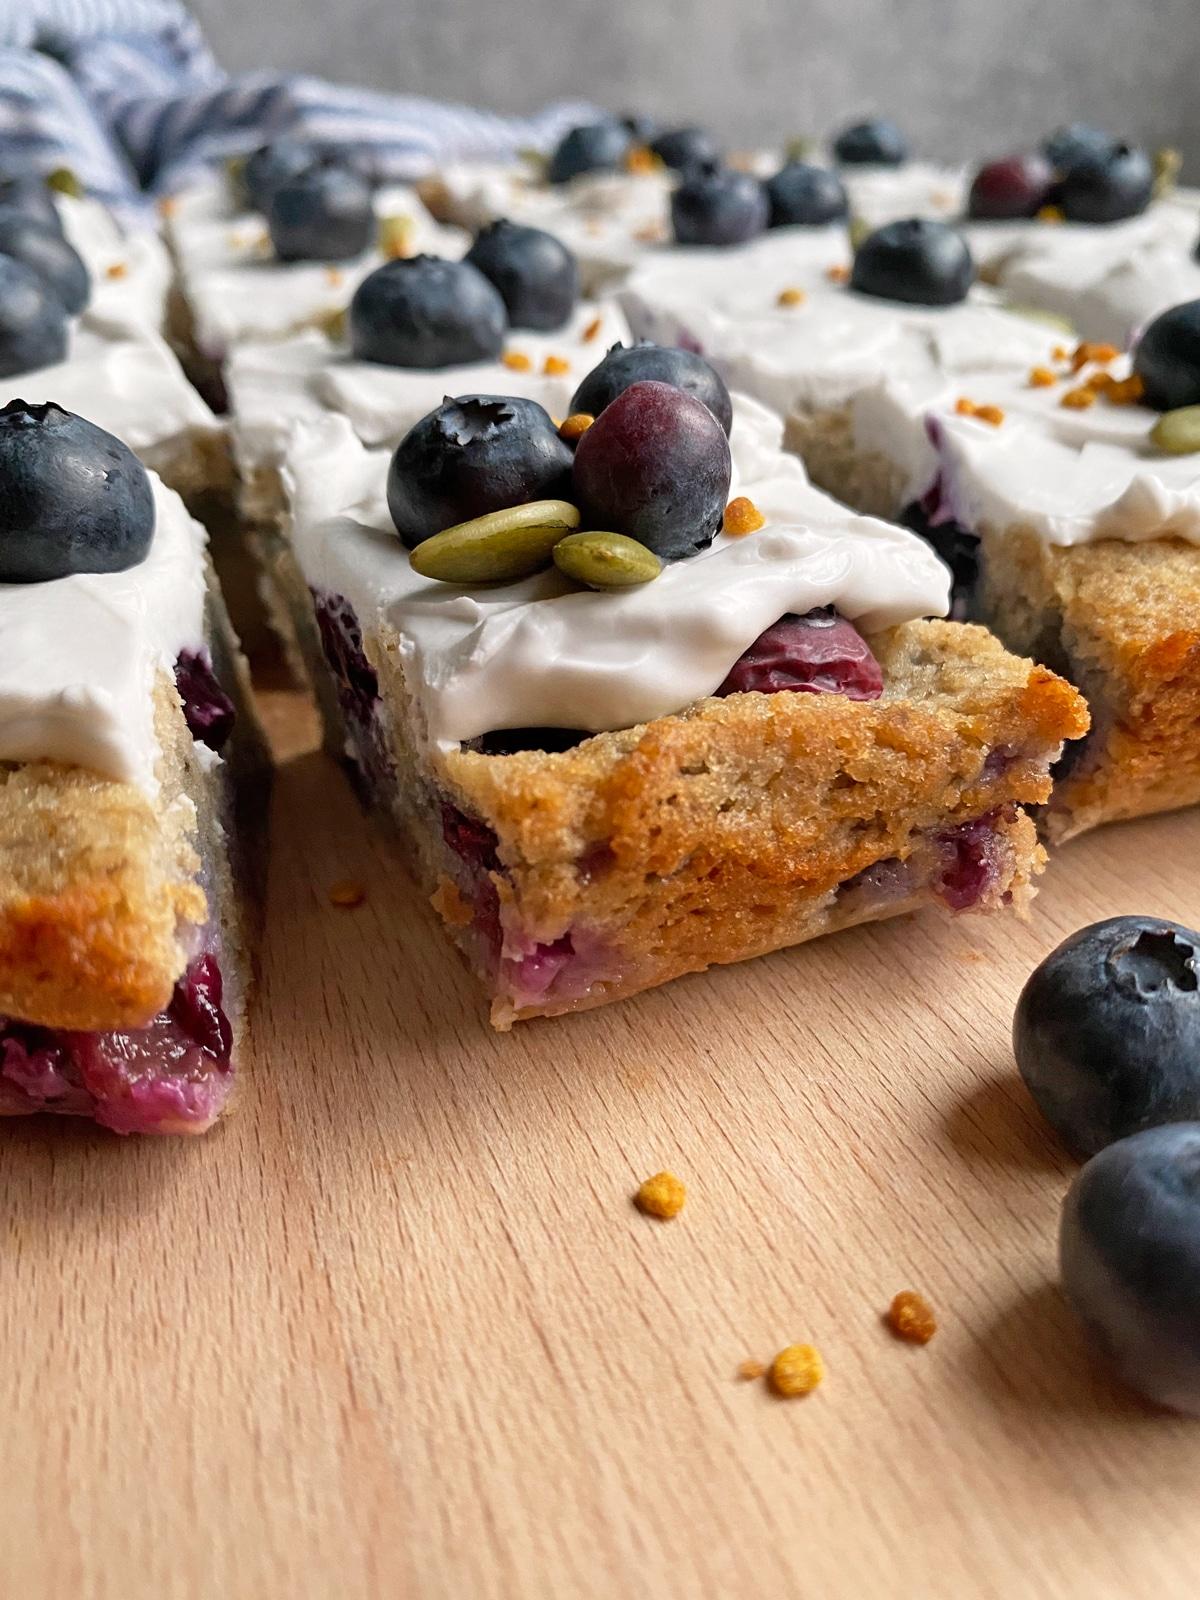 slice of blueberry cake